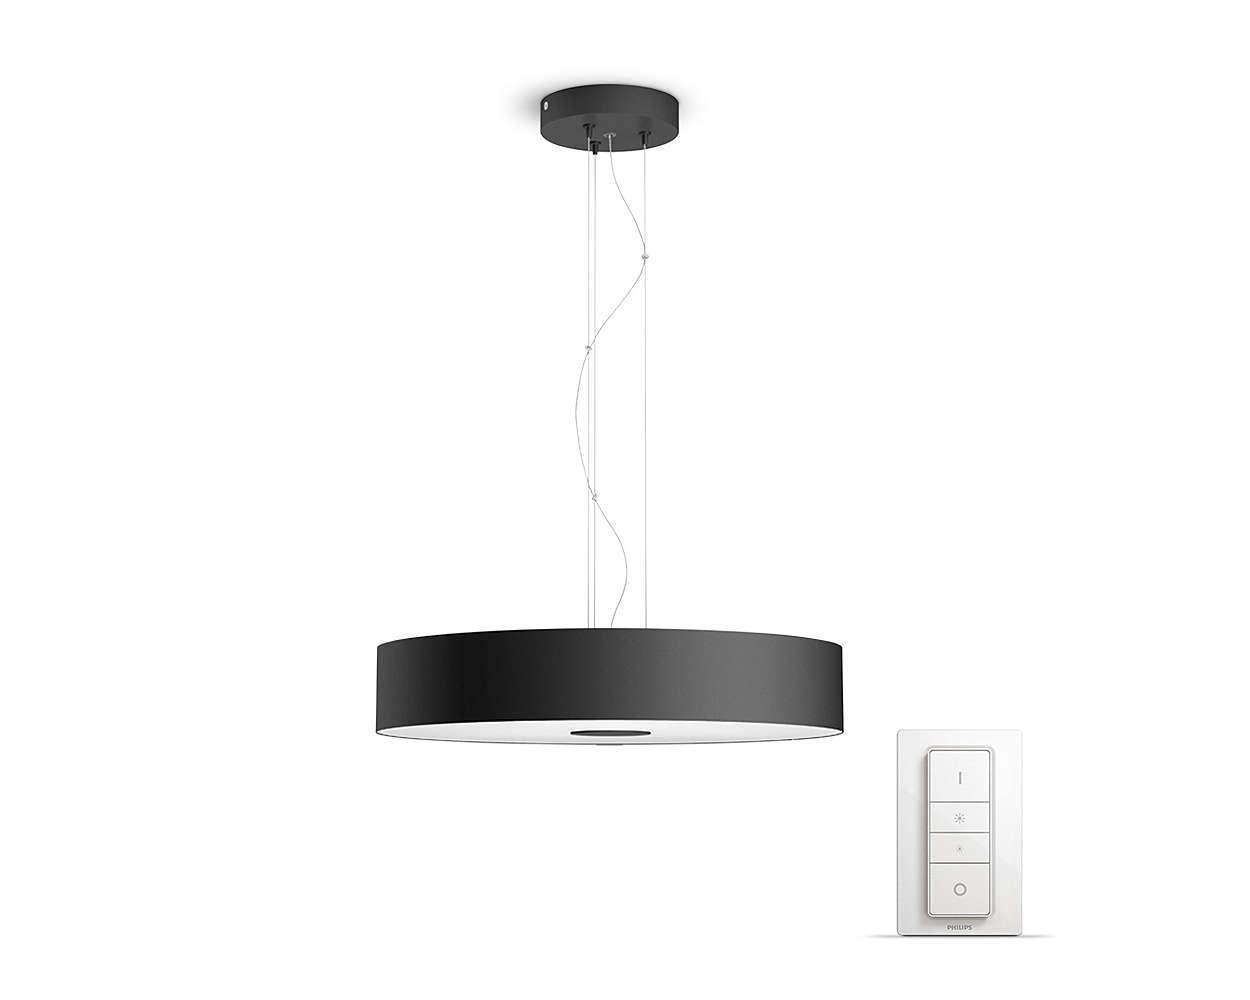 PHILIPS Fair Závěsné svítidlo, Hue White ambiance, 230V, 1x39W integ.LED, Černá